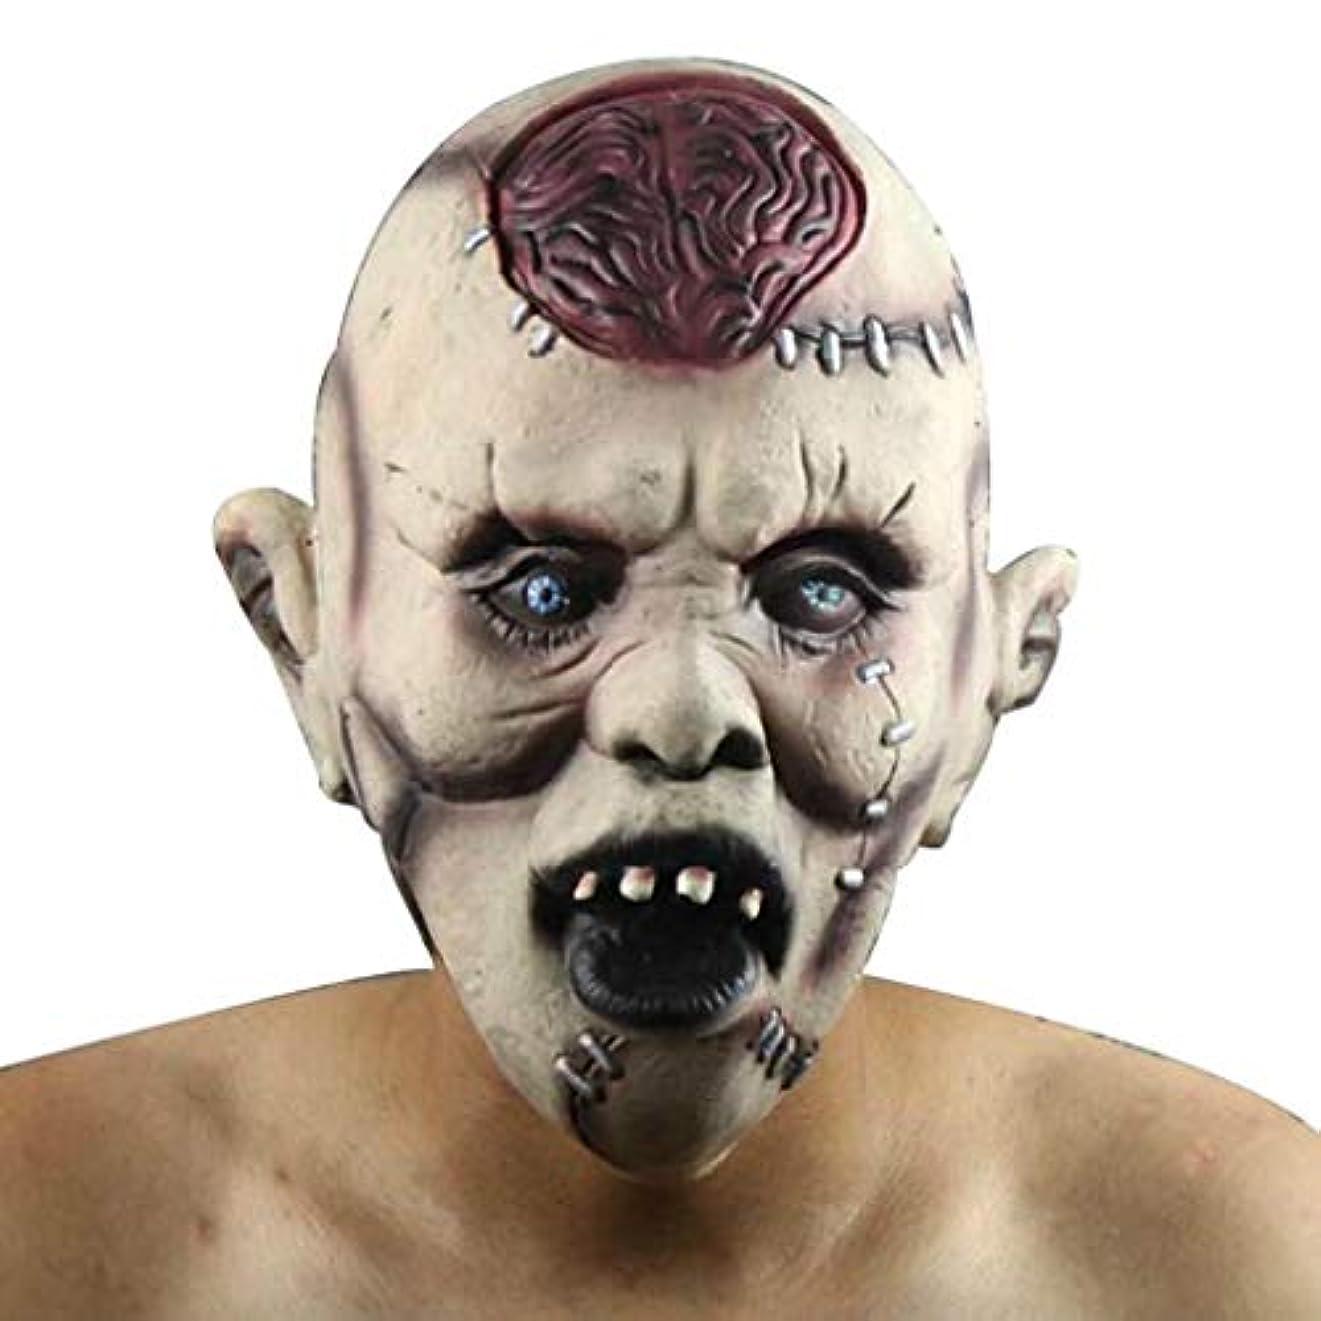 攻撃的フェンス電子ハロウィンゴーストマスクホラーマスクホラーラテックスヘッドカバー映画小道具仮面舞踏会マスク